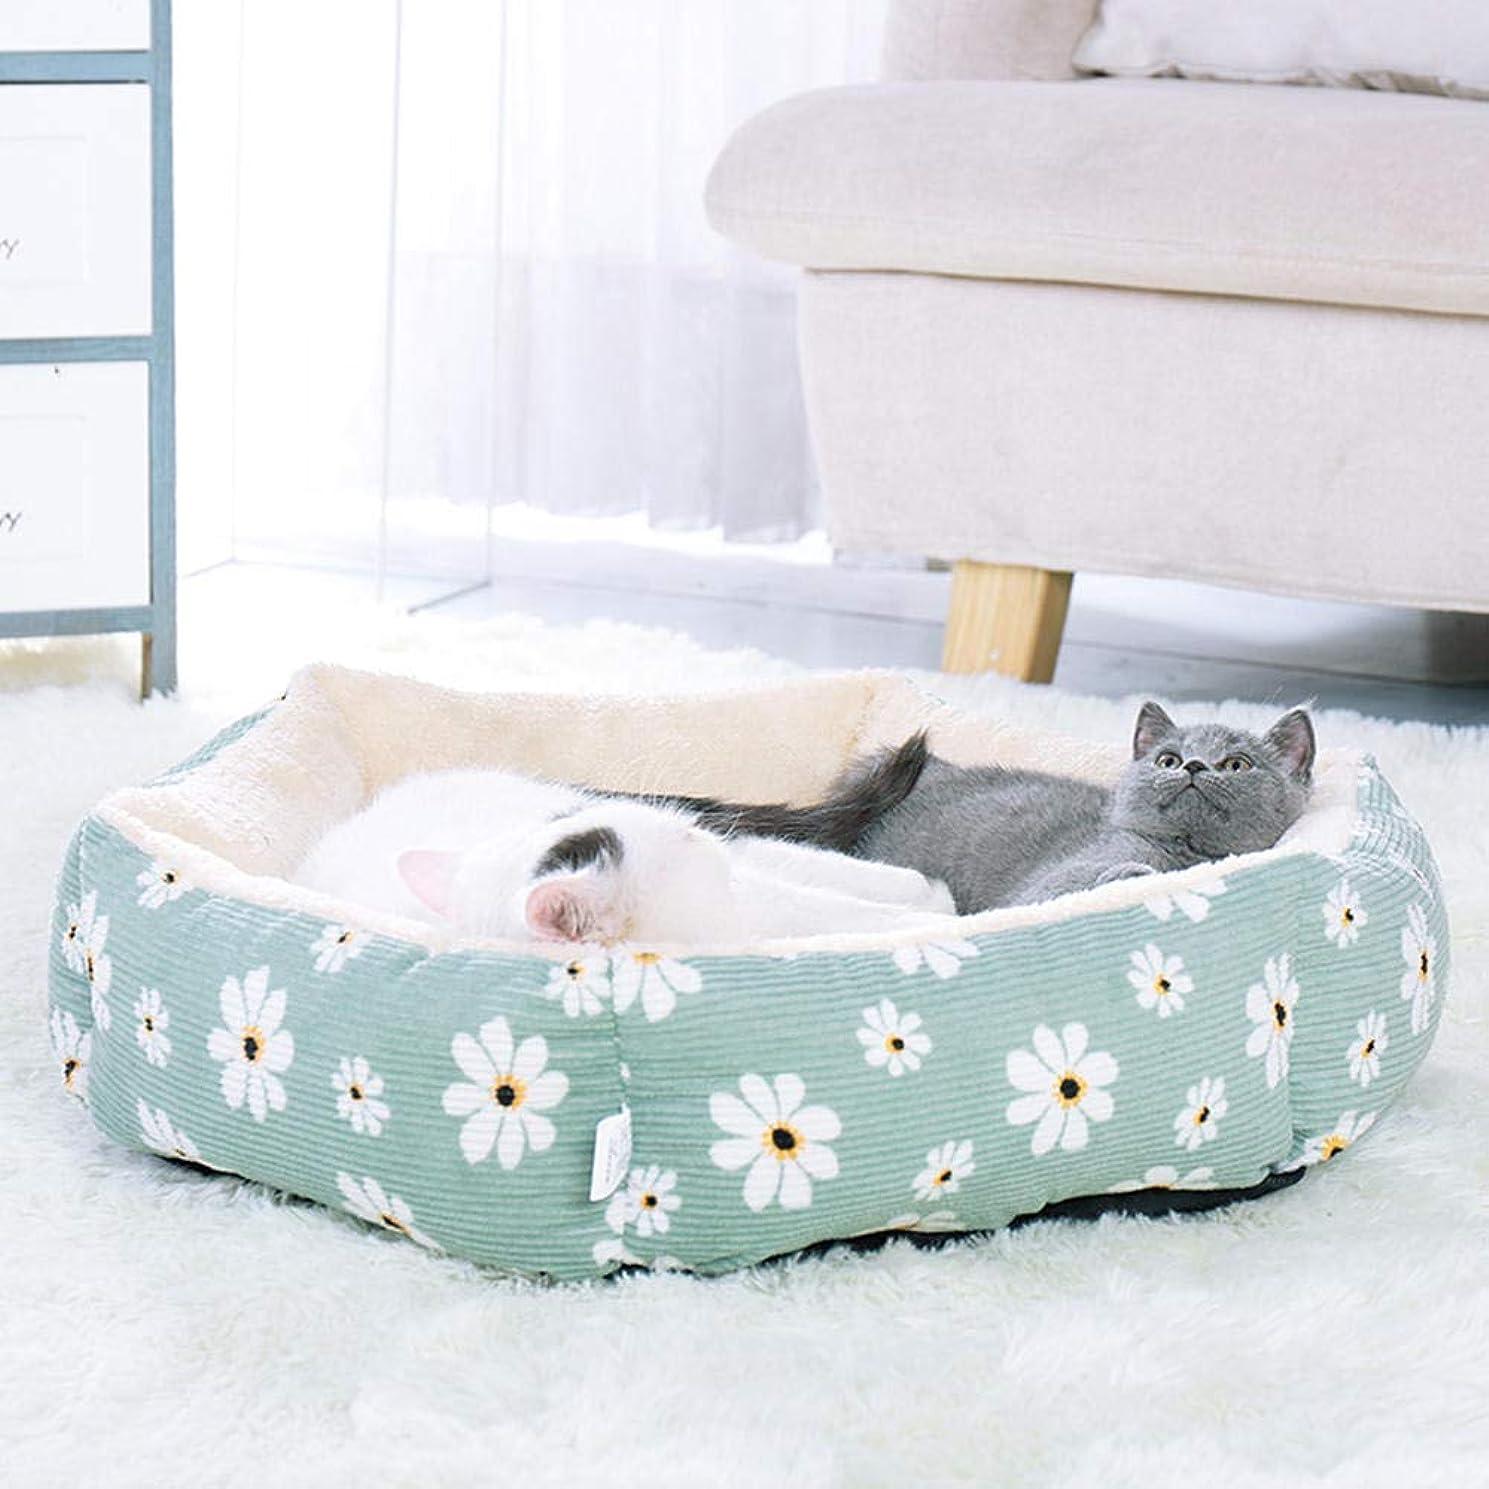 最愛の分析的グラムペットハウス 猫の家 ペット犬猫ベッドハウス六角ペットラウンジャークッション中小犬猫冬犬犬小屋子犬マット暖かいフリースペットベッドグリーンS 37 * 37 * 11センチ